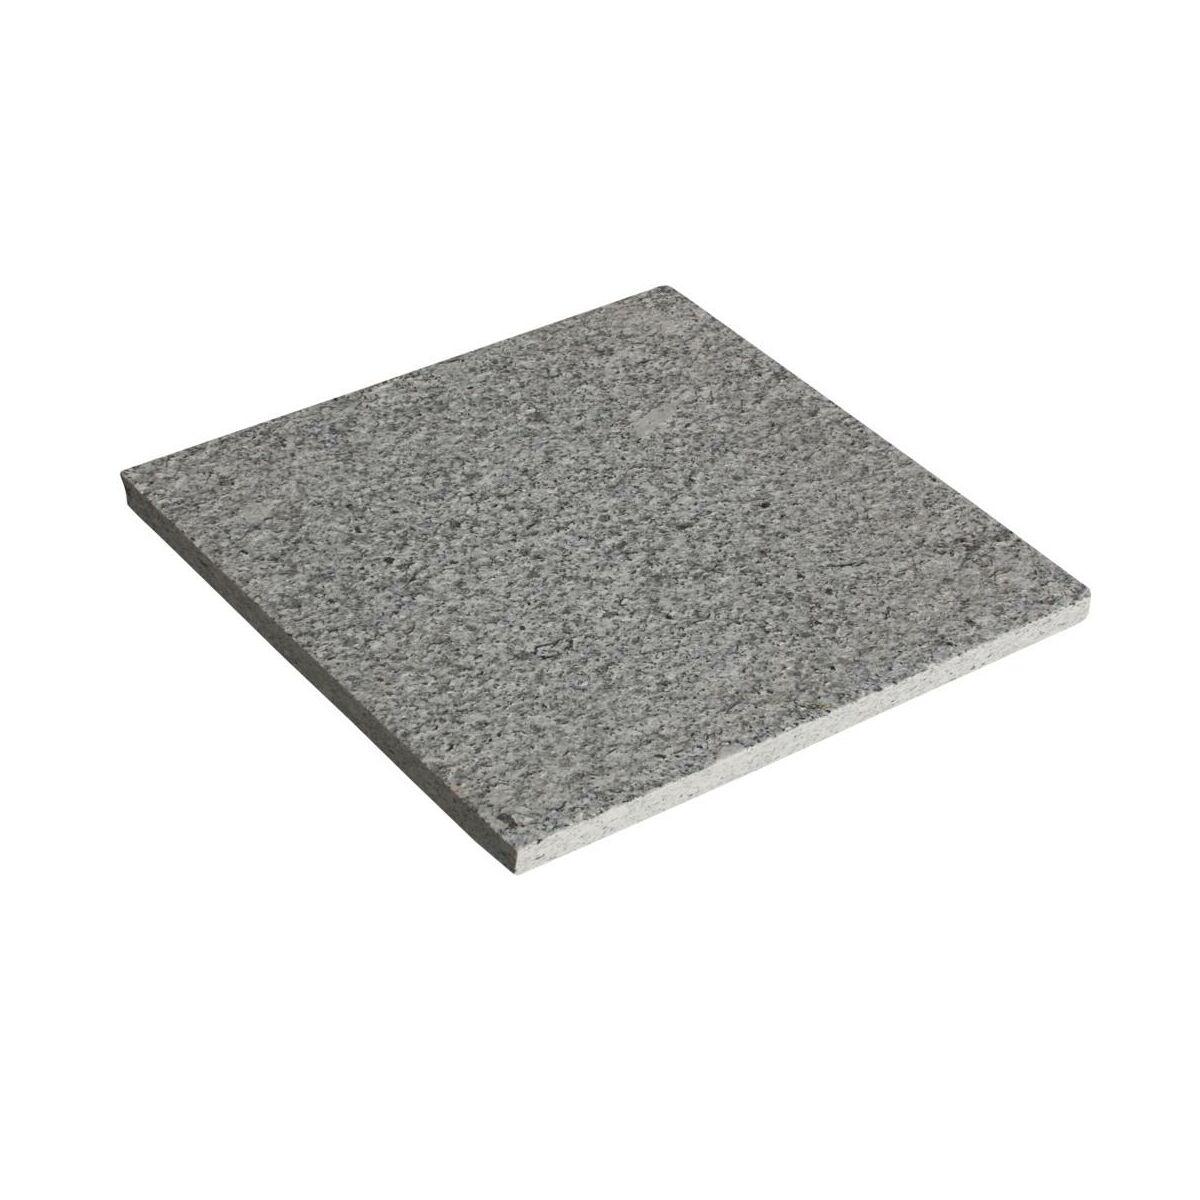 Plyta Granitowa 30 X 30 X 1 8 2 1 Cm Szara Strukturalna Kostki Brukowe Plyty Chodnikowe W Atrakcyjnej Cenie W Sklepach Leroy Merlin